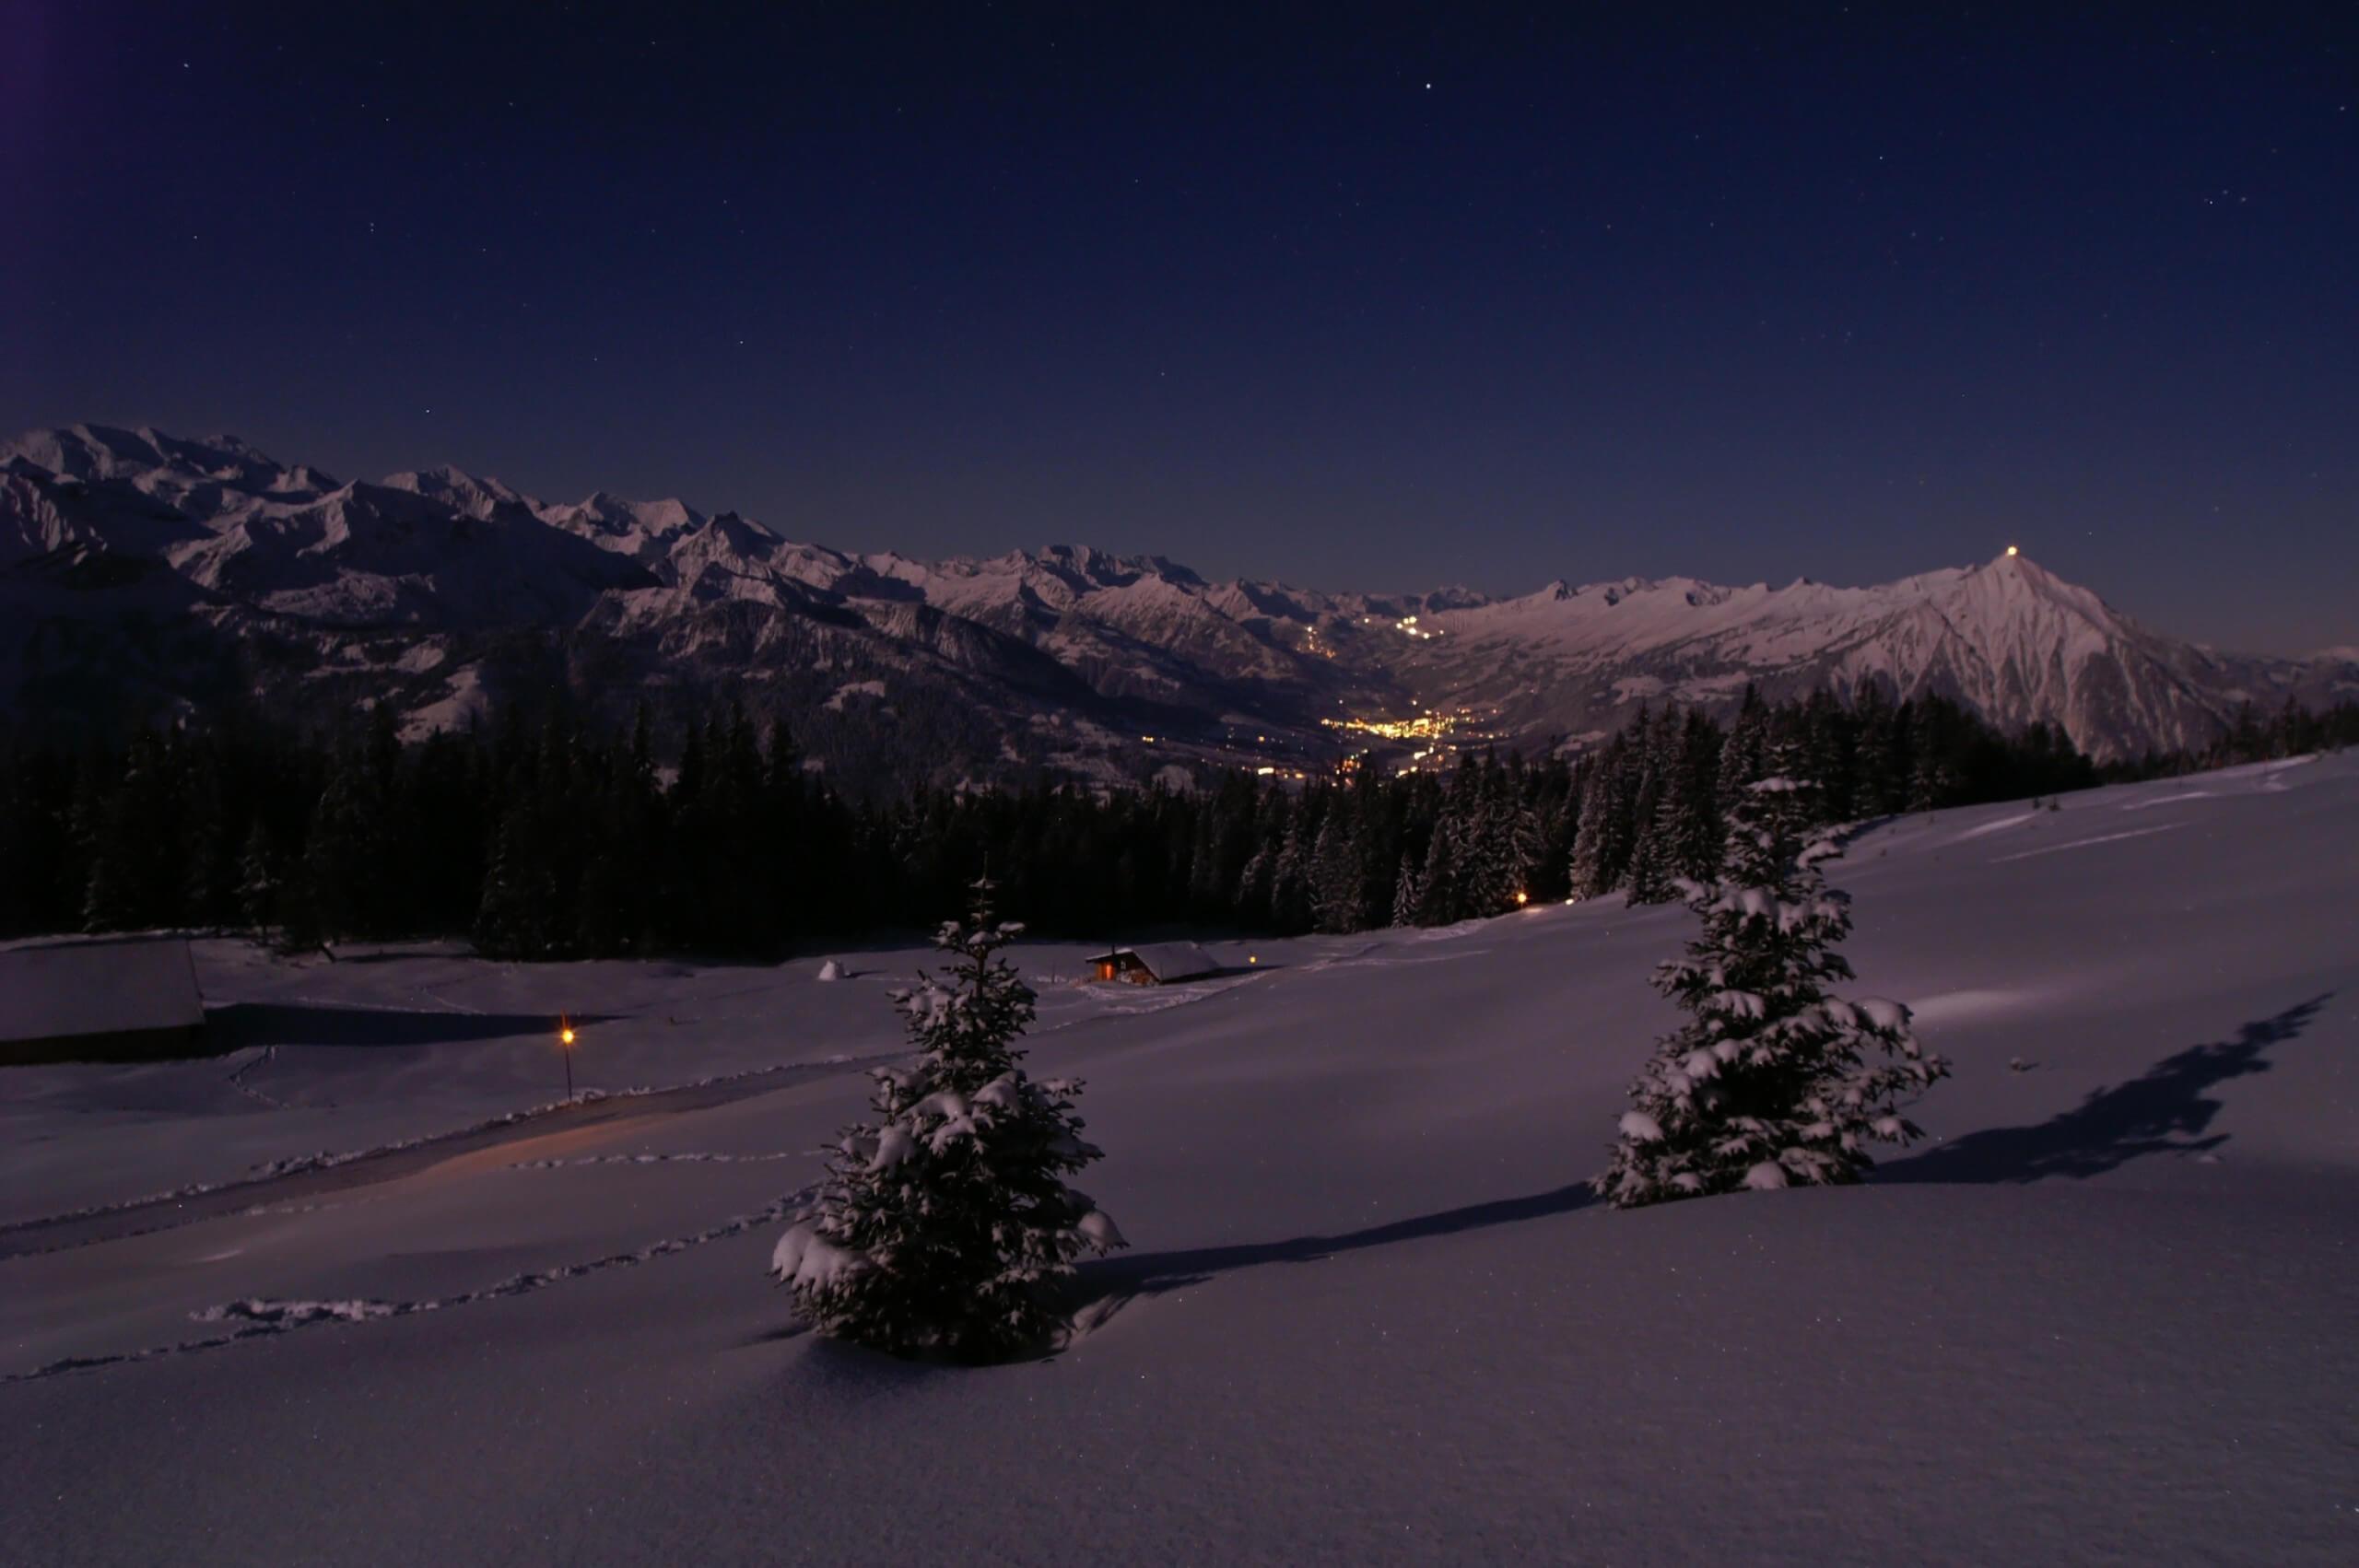 niederhorn-schlitteln-winter-nacht-sterne-mond-lichter-niesen